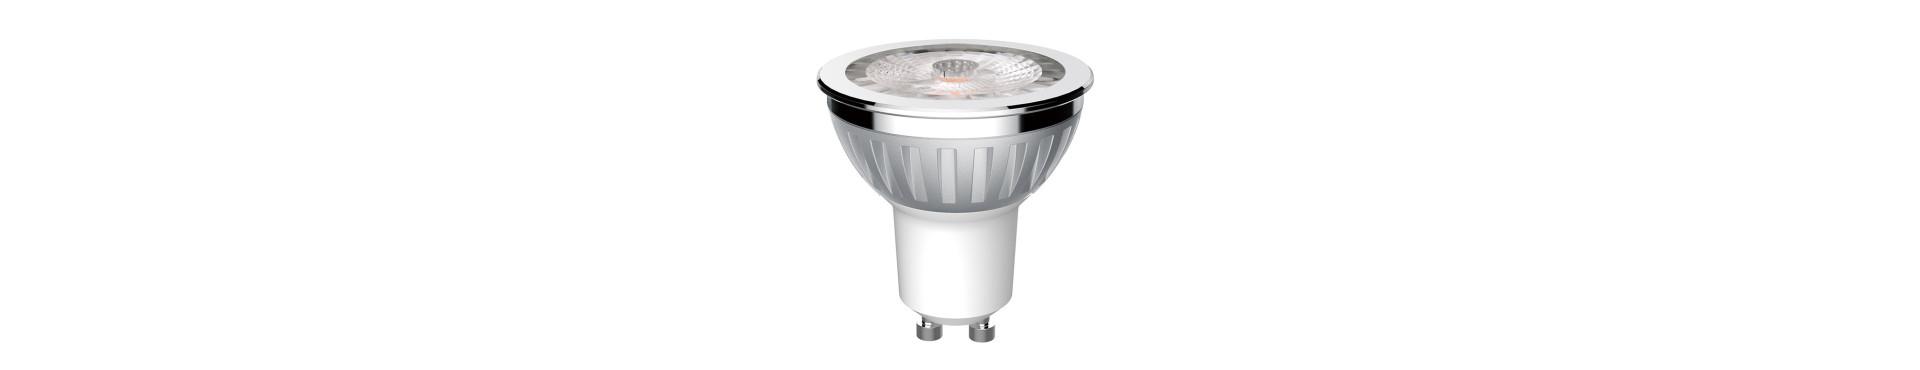 LED spots - Køb nye LED spots til lave priser online